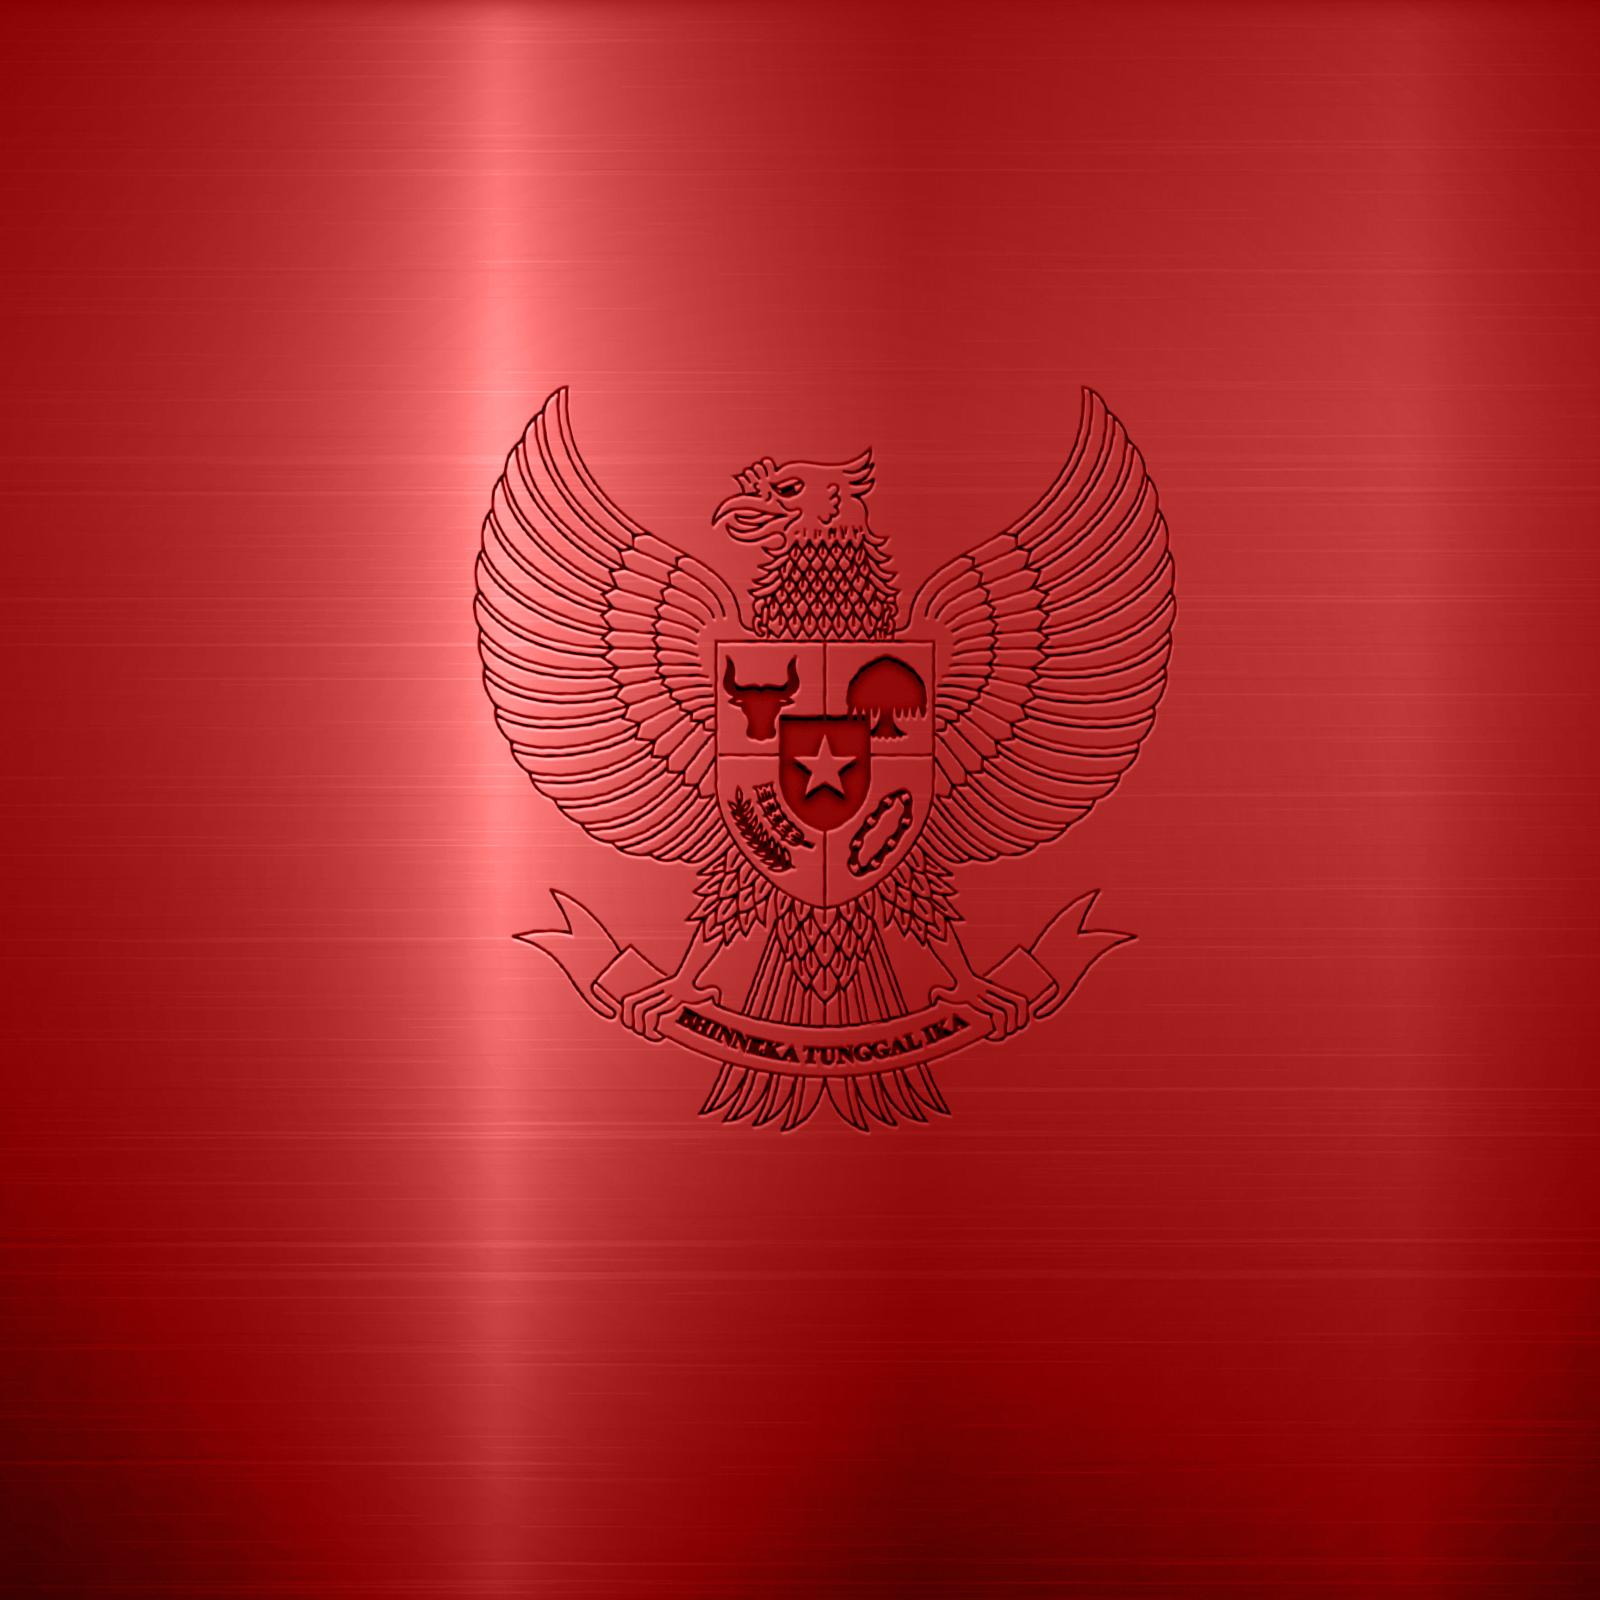 Lambang Garuda Pancasila